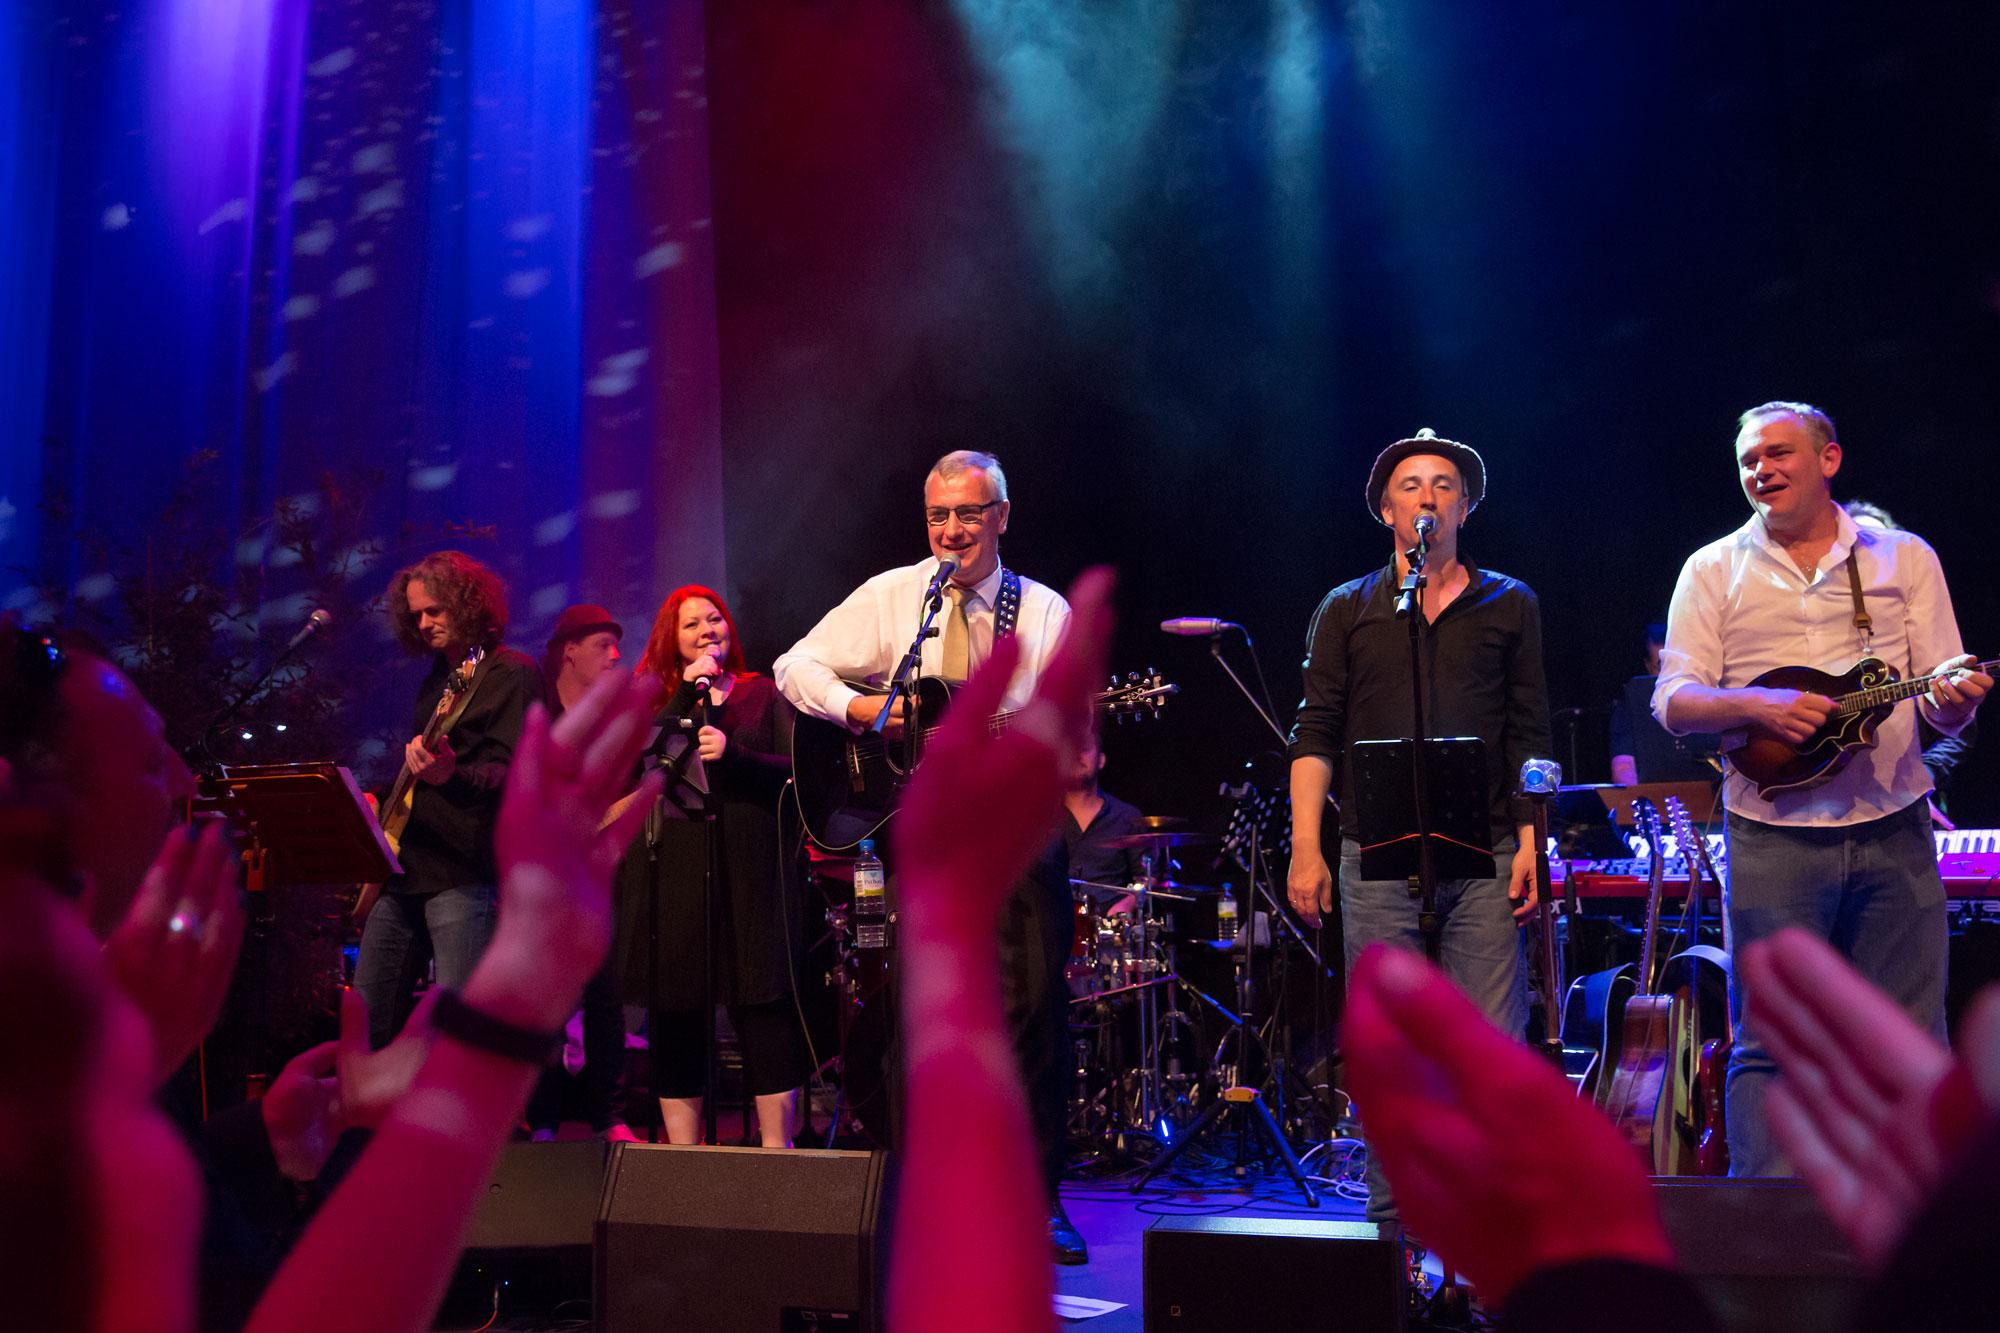 Zusammen mit Stefan Knittler von der Band Pop op Kölsc überbrachte Zeppelin Konzernchef Peter Gerstmann (Mitte) ein musikalisches Ständchen.